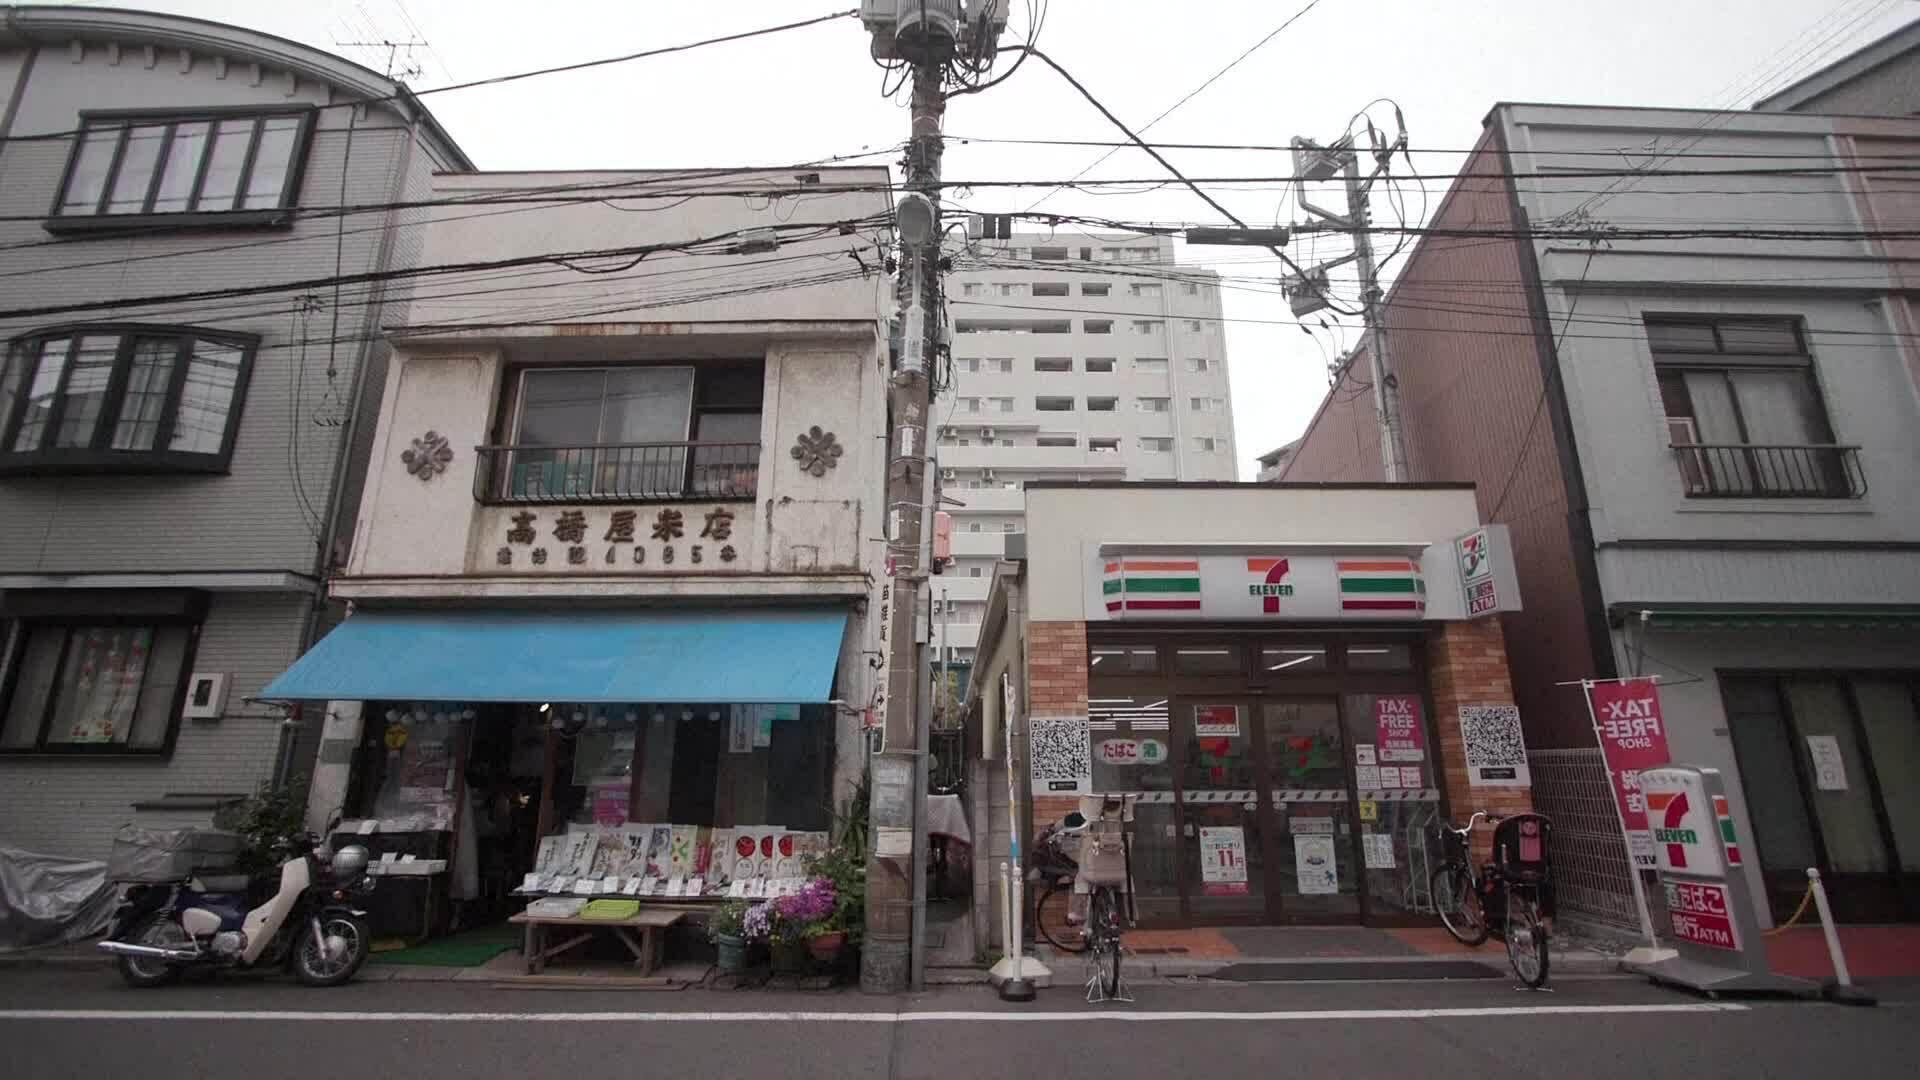 Cửa hàng tiện lợi Nhật Bản - nơi phục vụ bất kể ngày đêm